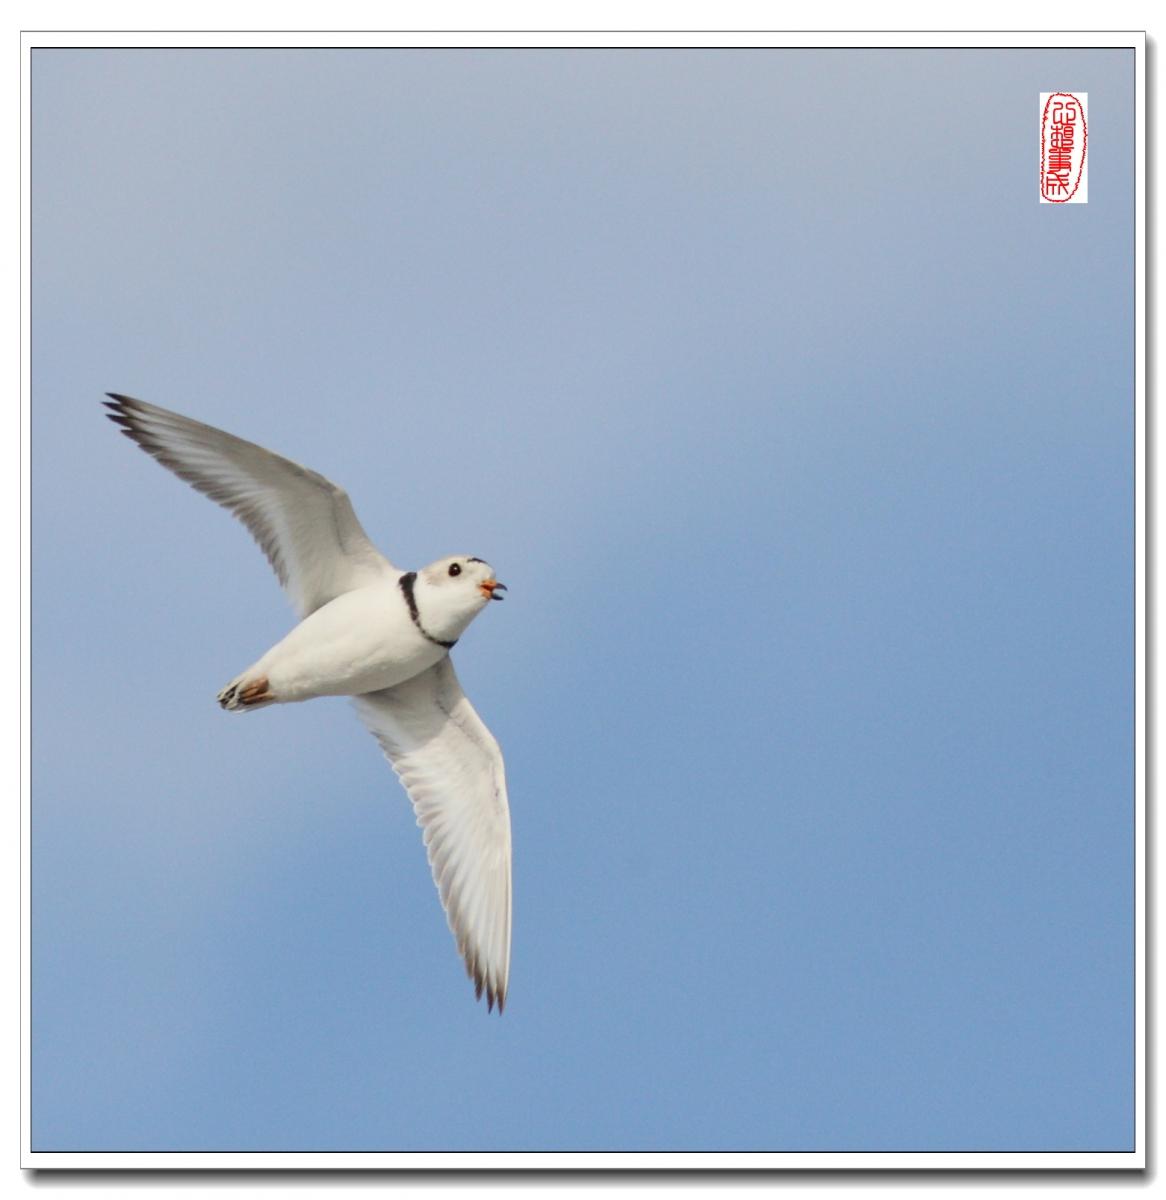 【心想事成】 飞鸟随拍图之二_图1-7